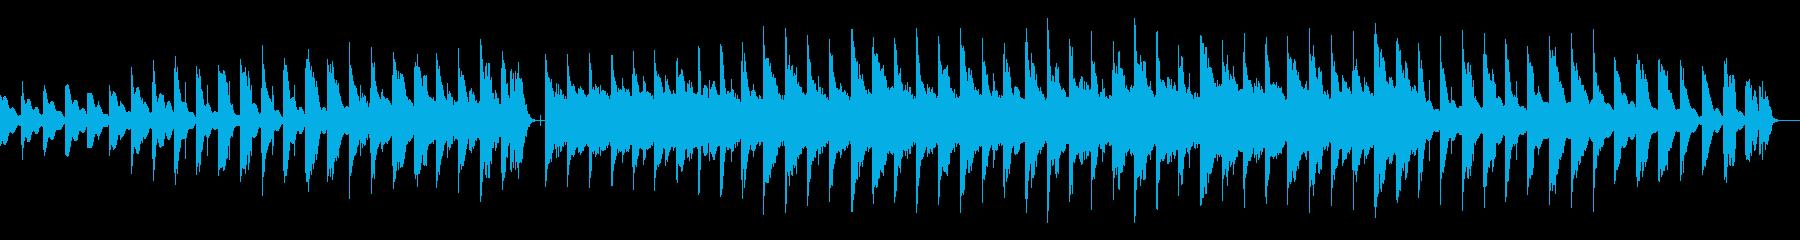 柔らかい音色シンプルフレーズ重ねリピートの再生済みの波形